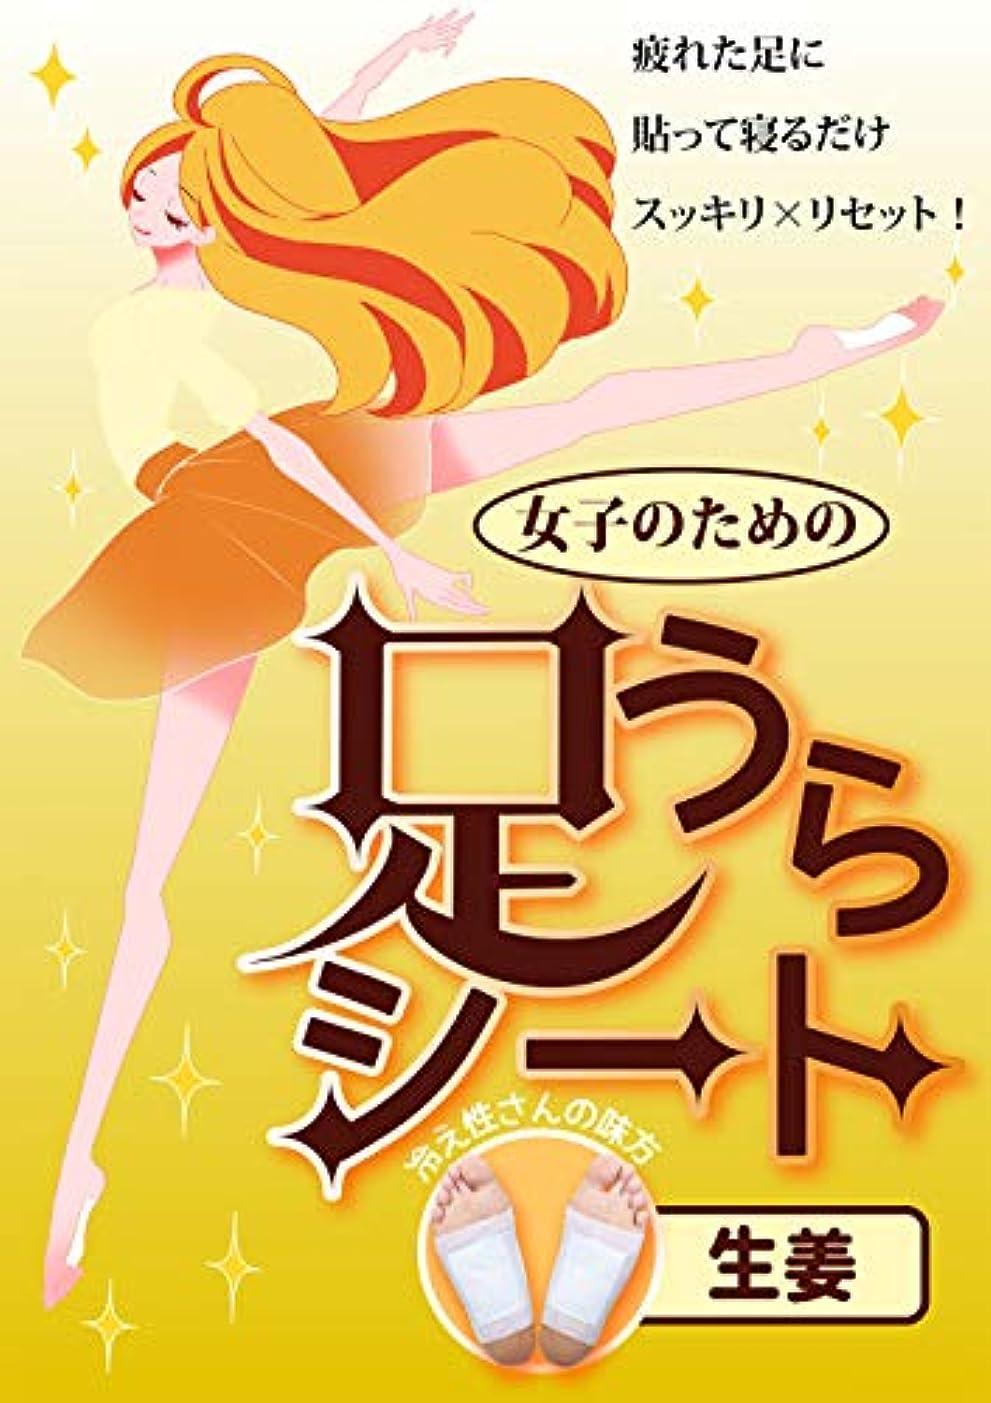 日本製 足うらシート M&Sジャパン 樹液シート 足裏シート フット ケア 足ツボ 健康 (しょうが)